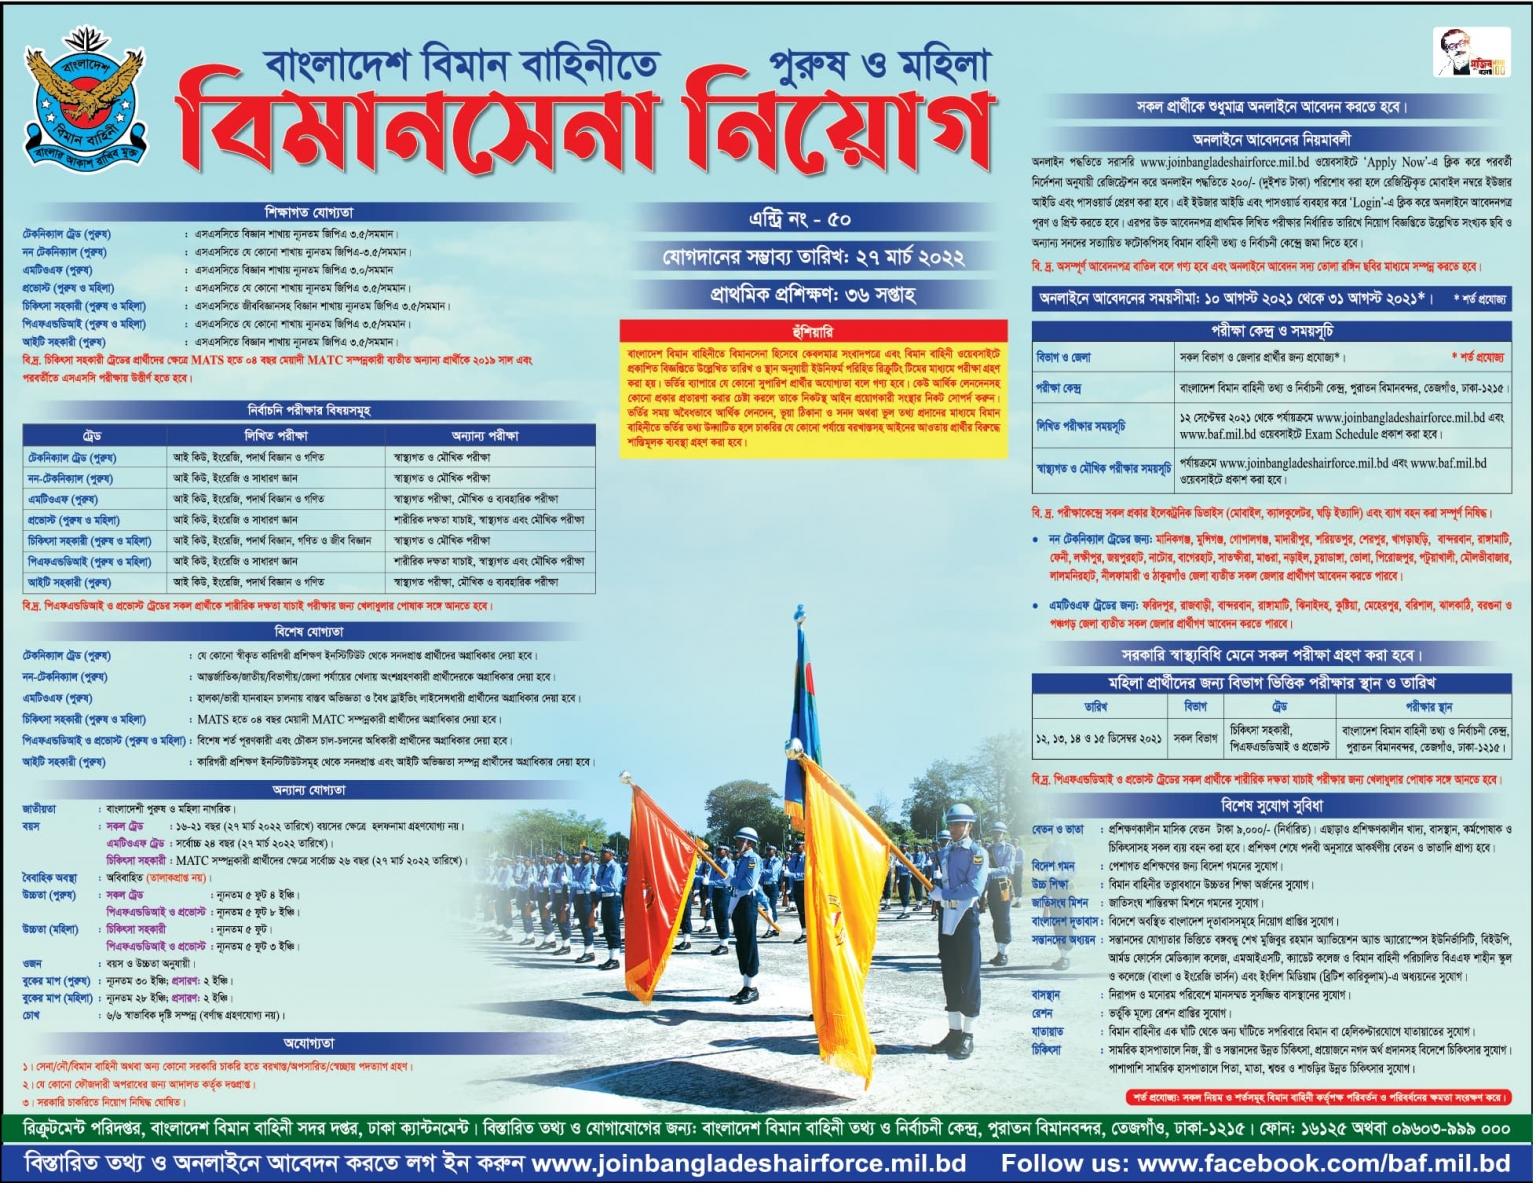 বাংলাদেশ বিমান বাহিনী নিয়োগ ২০২১ সার্কুলার | বাংলাদেশ বিমান বাহিনী নিয়োগ